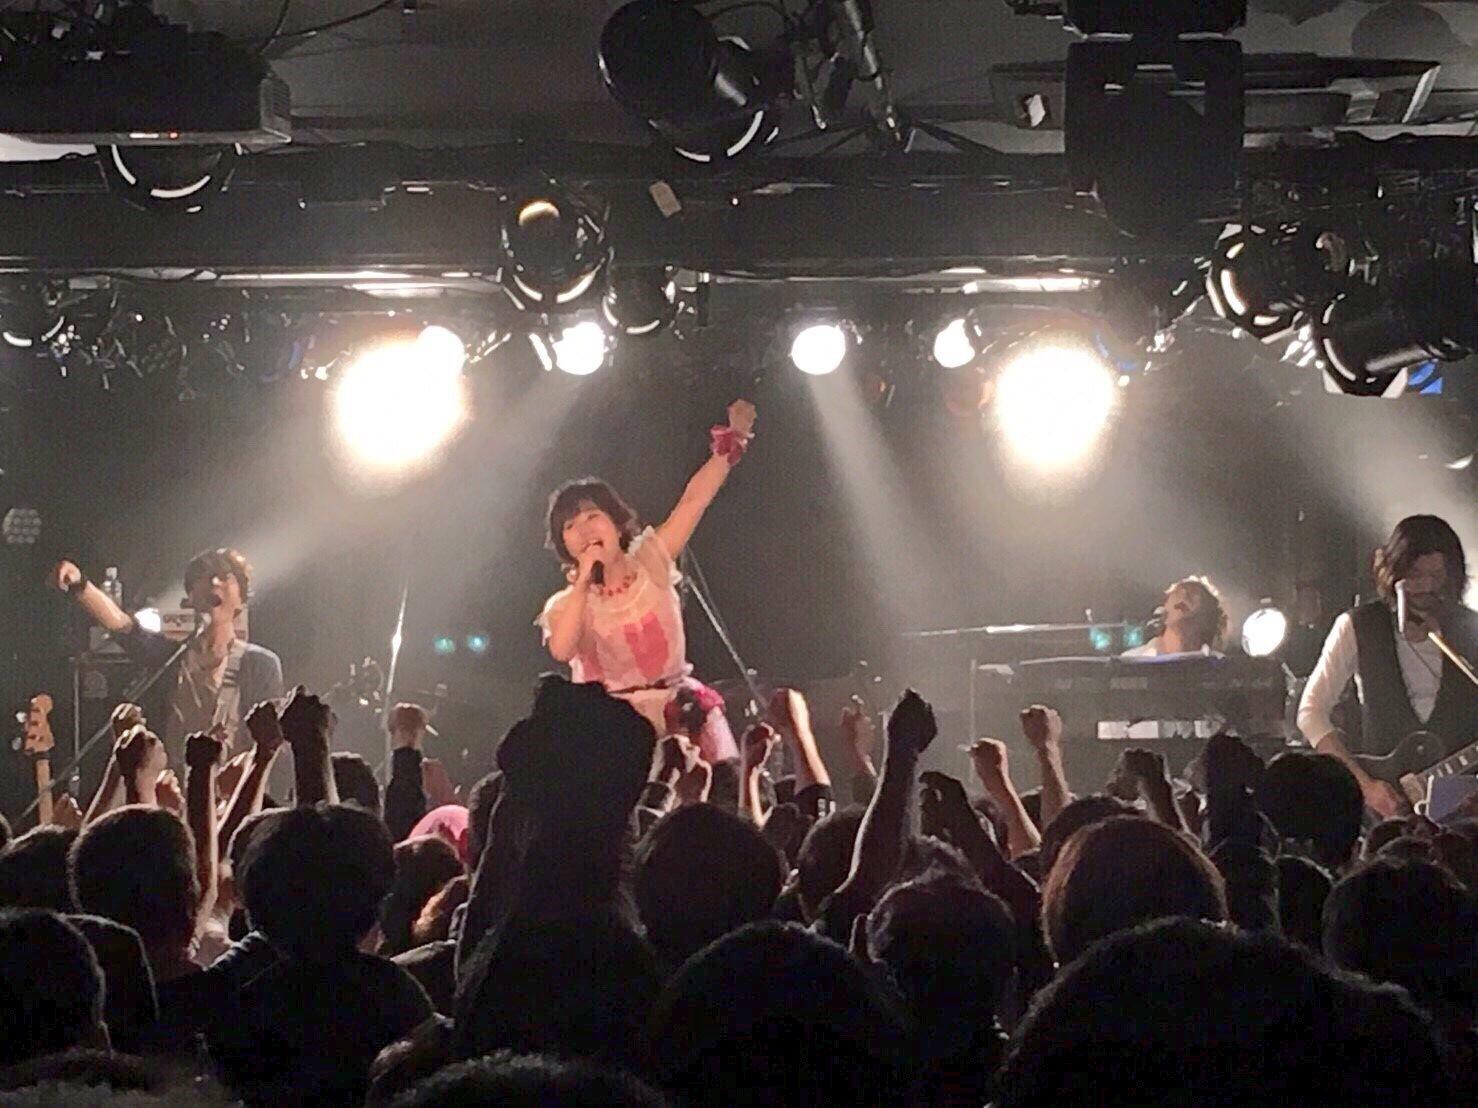 ありがとう💕「Chihiro Yonekura LIVE CARNIVAL 2018~Give me five!~ 」メモリー前編✨_a0114206_18022303.jpeg